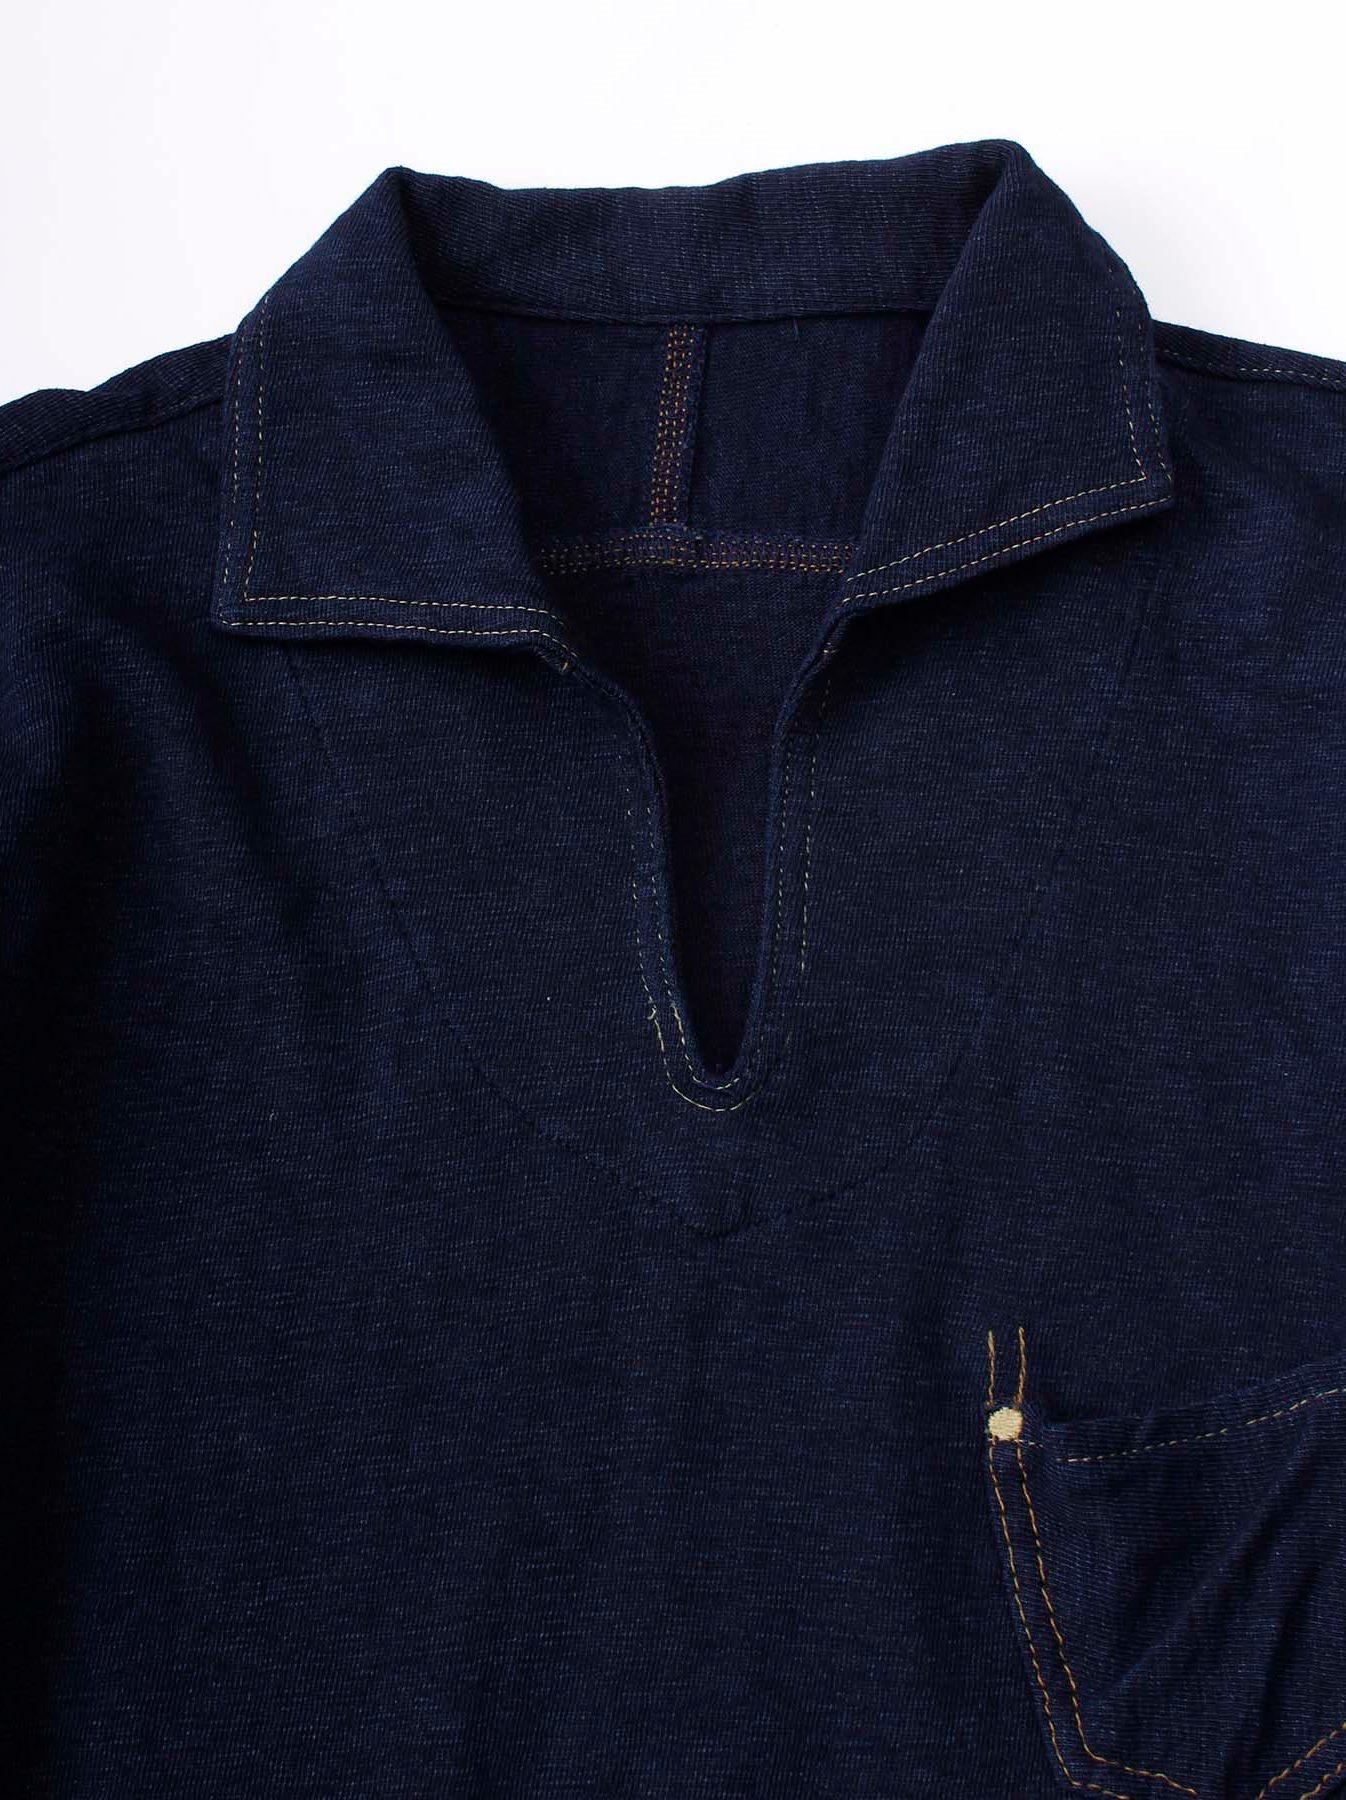 WH Indigo Plating Tenjiku Polo Shirt-6